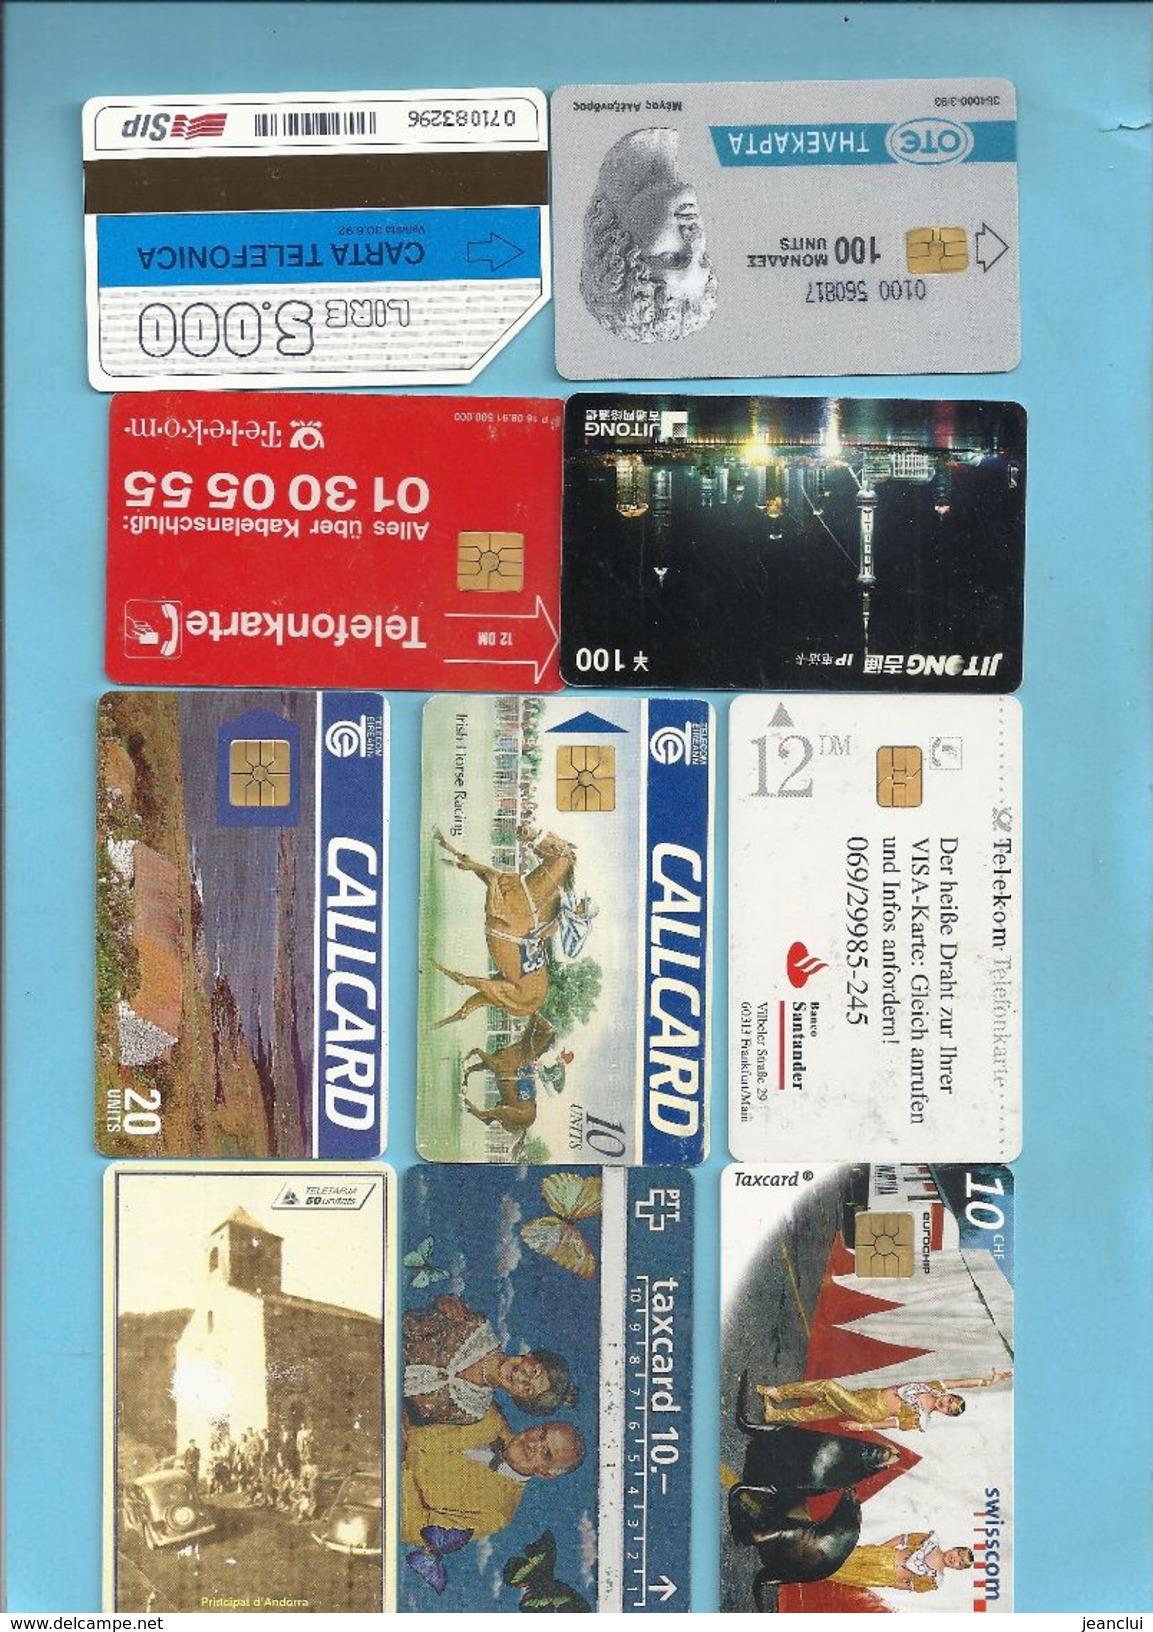 PETIT LOT DE 10 CARTES ETR . 2ALL . 2CH . 2IRL .1 GRC . 1 CHIN . 1 IT . 1 AND . 2 SCANES - Télécartes